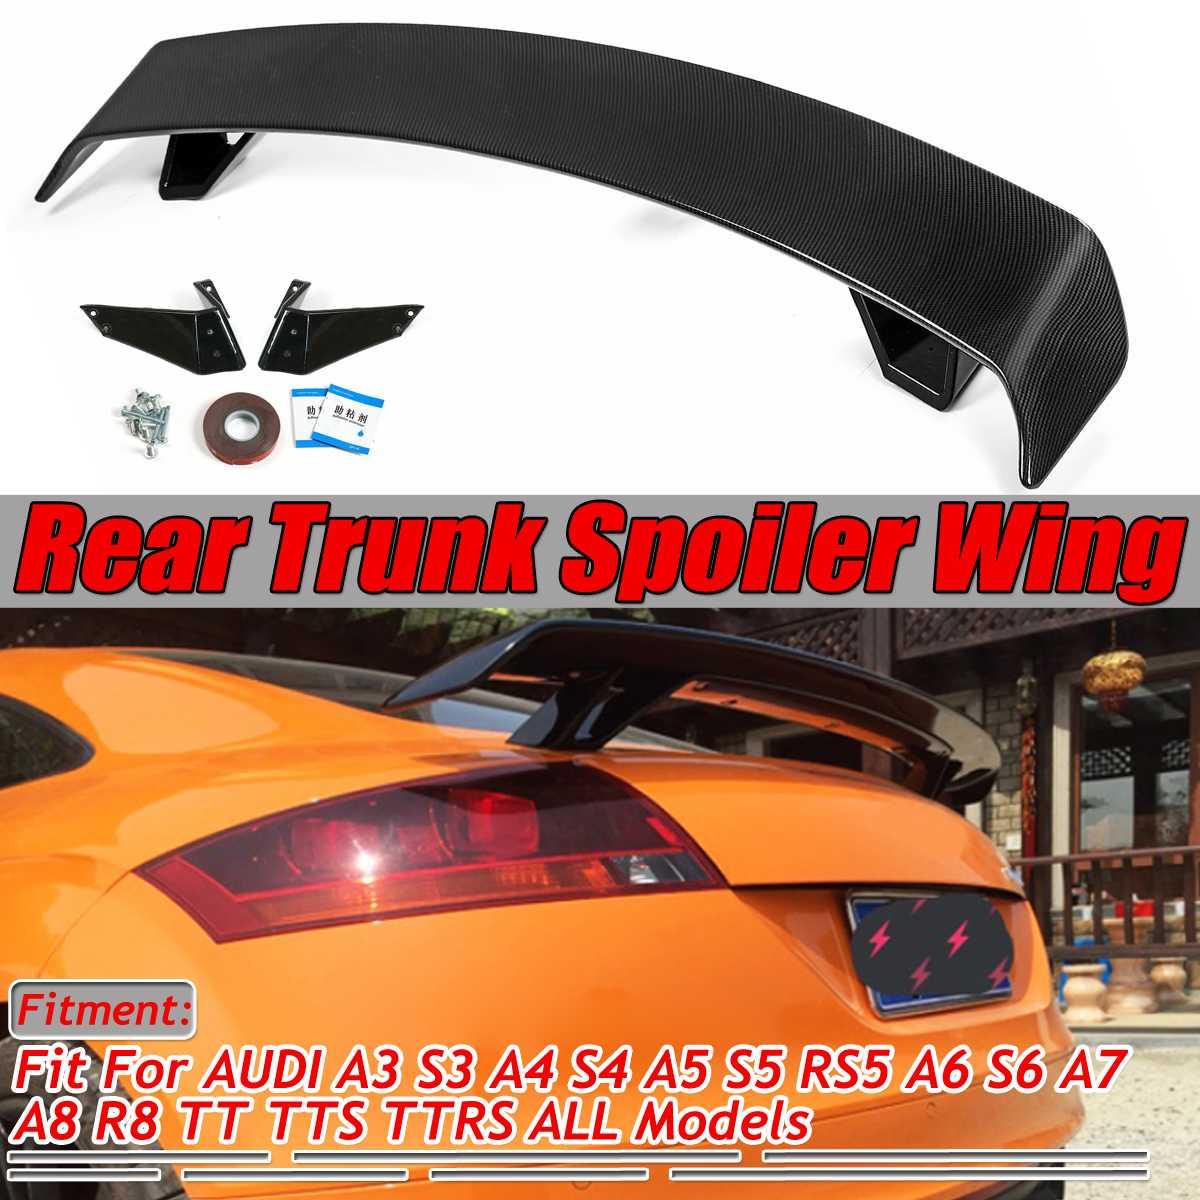 Внешний вид из углеродного волокна/глянцевый черный задний багажник автомобиля загрузки спойлер крыло большой для Audi A3 S3 A4 S4 A5 S5 RS5 A6 S6 A7 A8 R8 TT